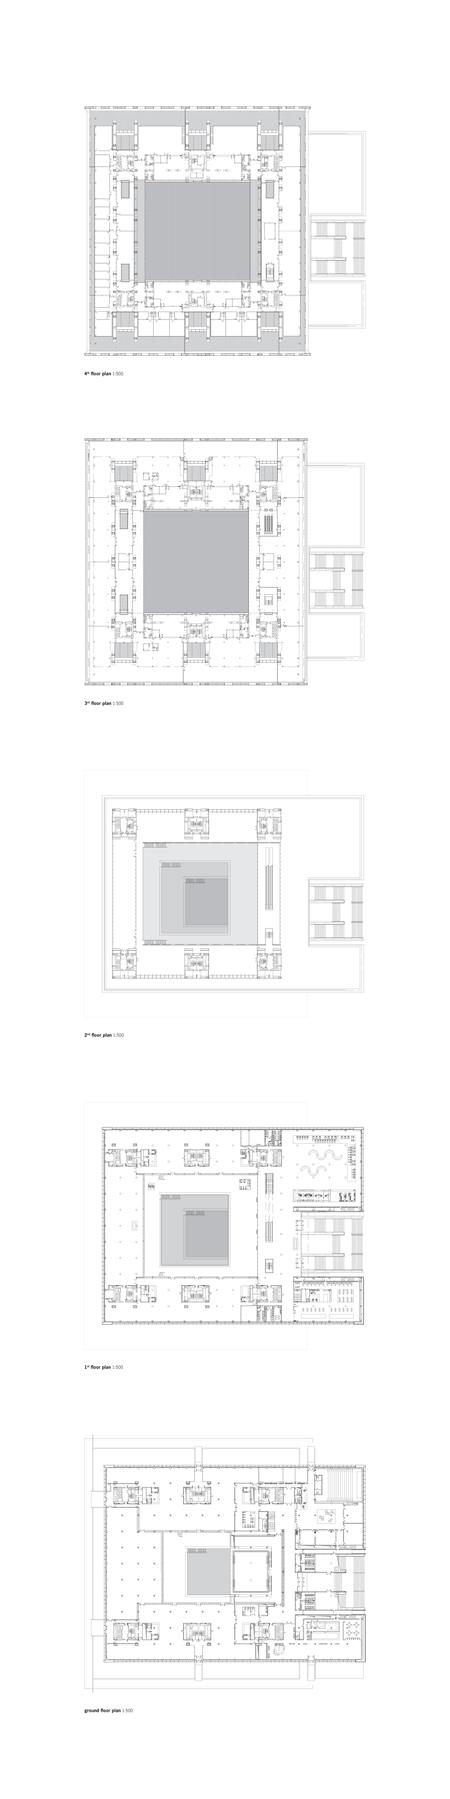 Cin-Halk-Kutuphanesi-9